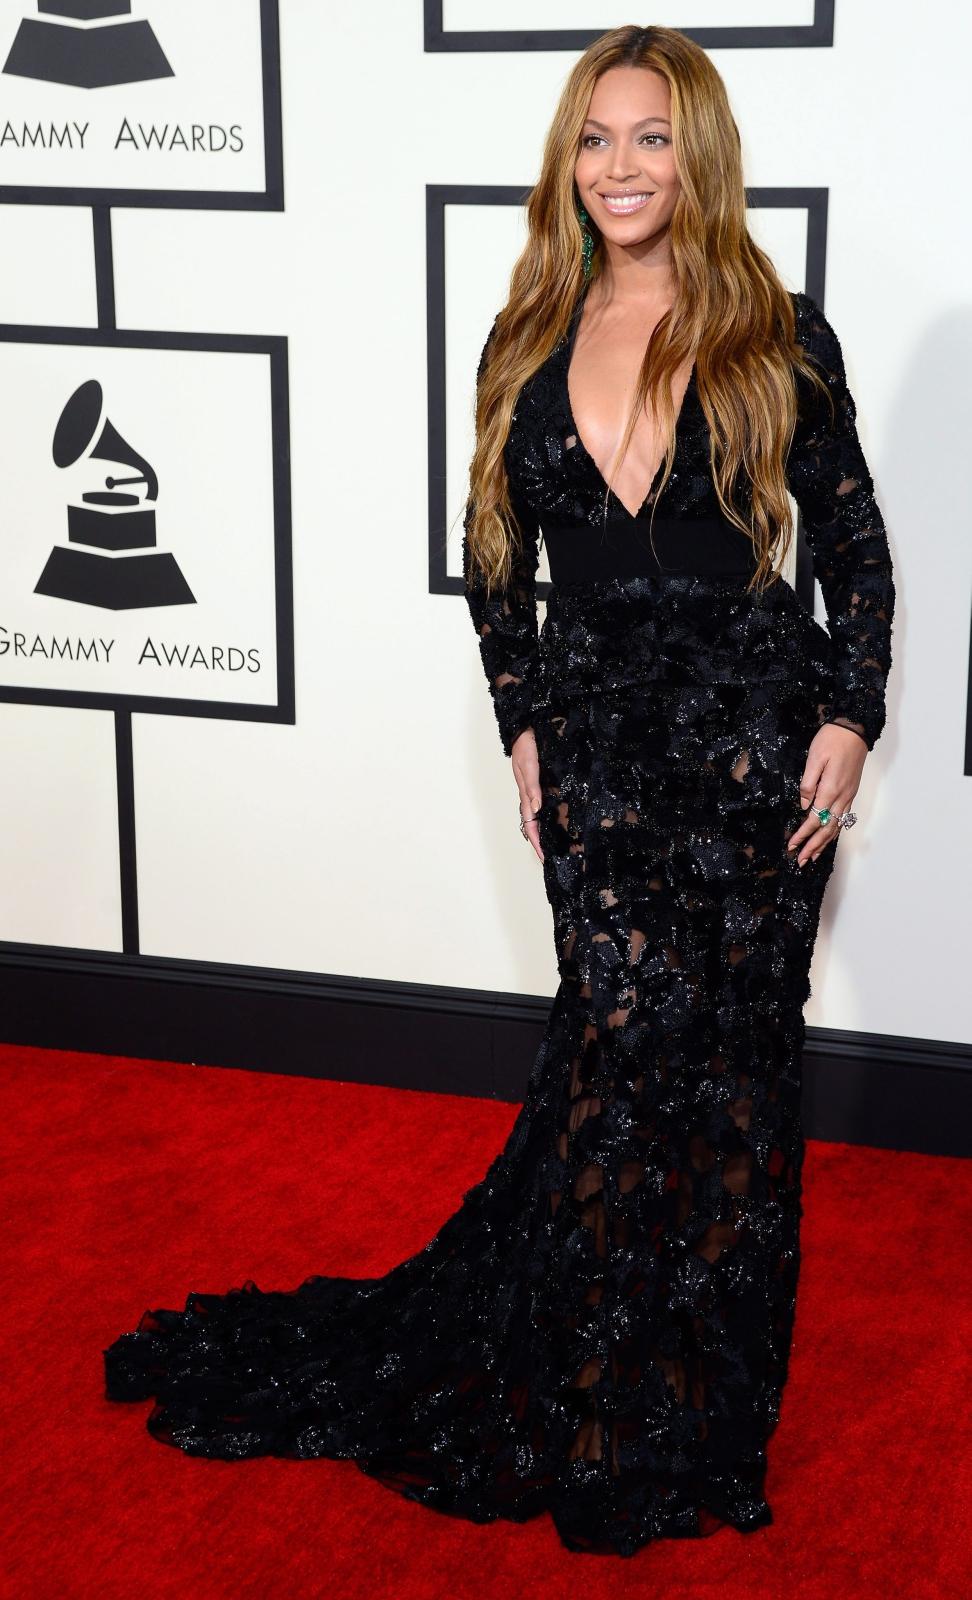 Najbardziej rozebrane gwiazdy na gali Grammy 2015: Beyoncé